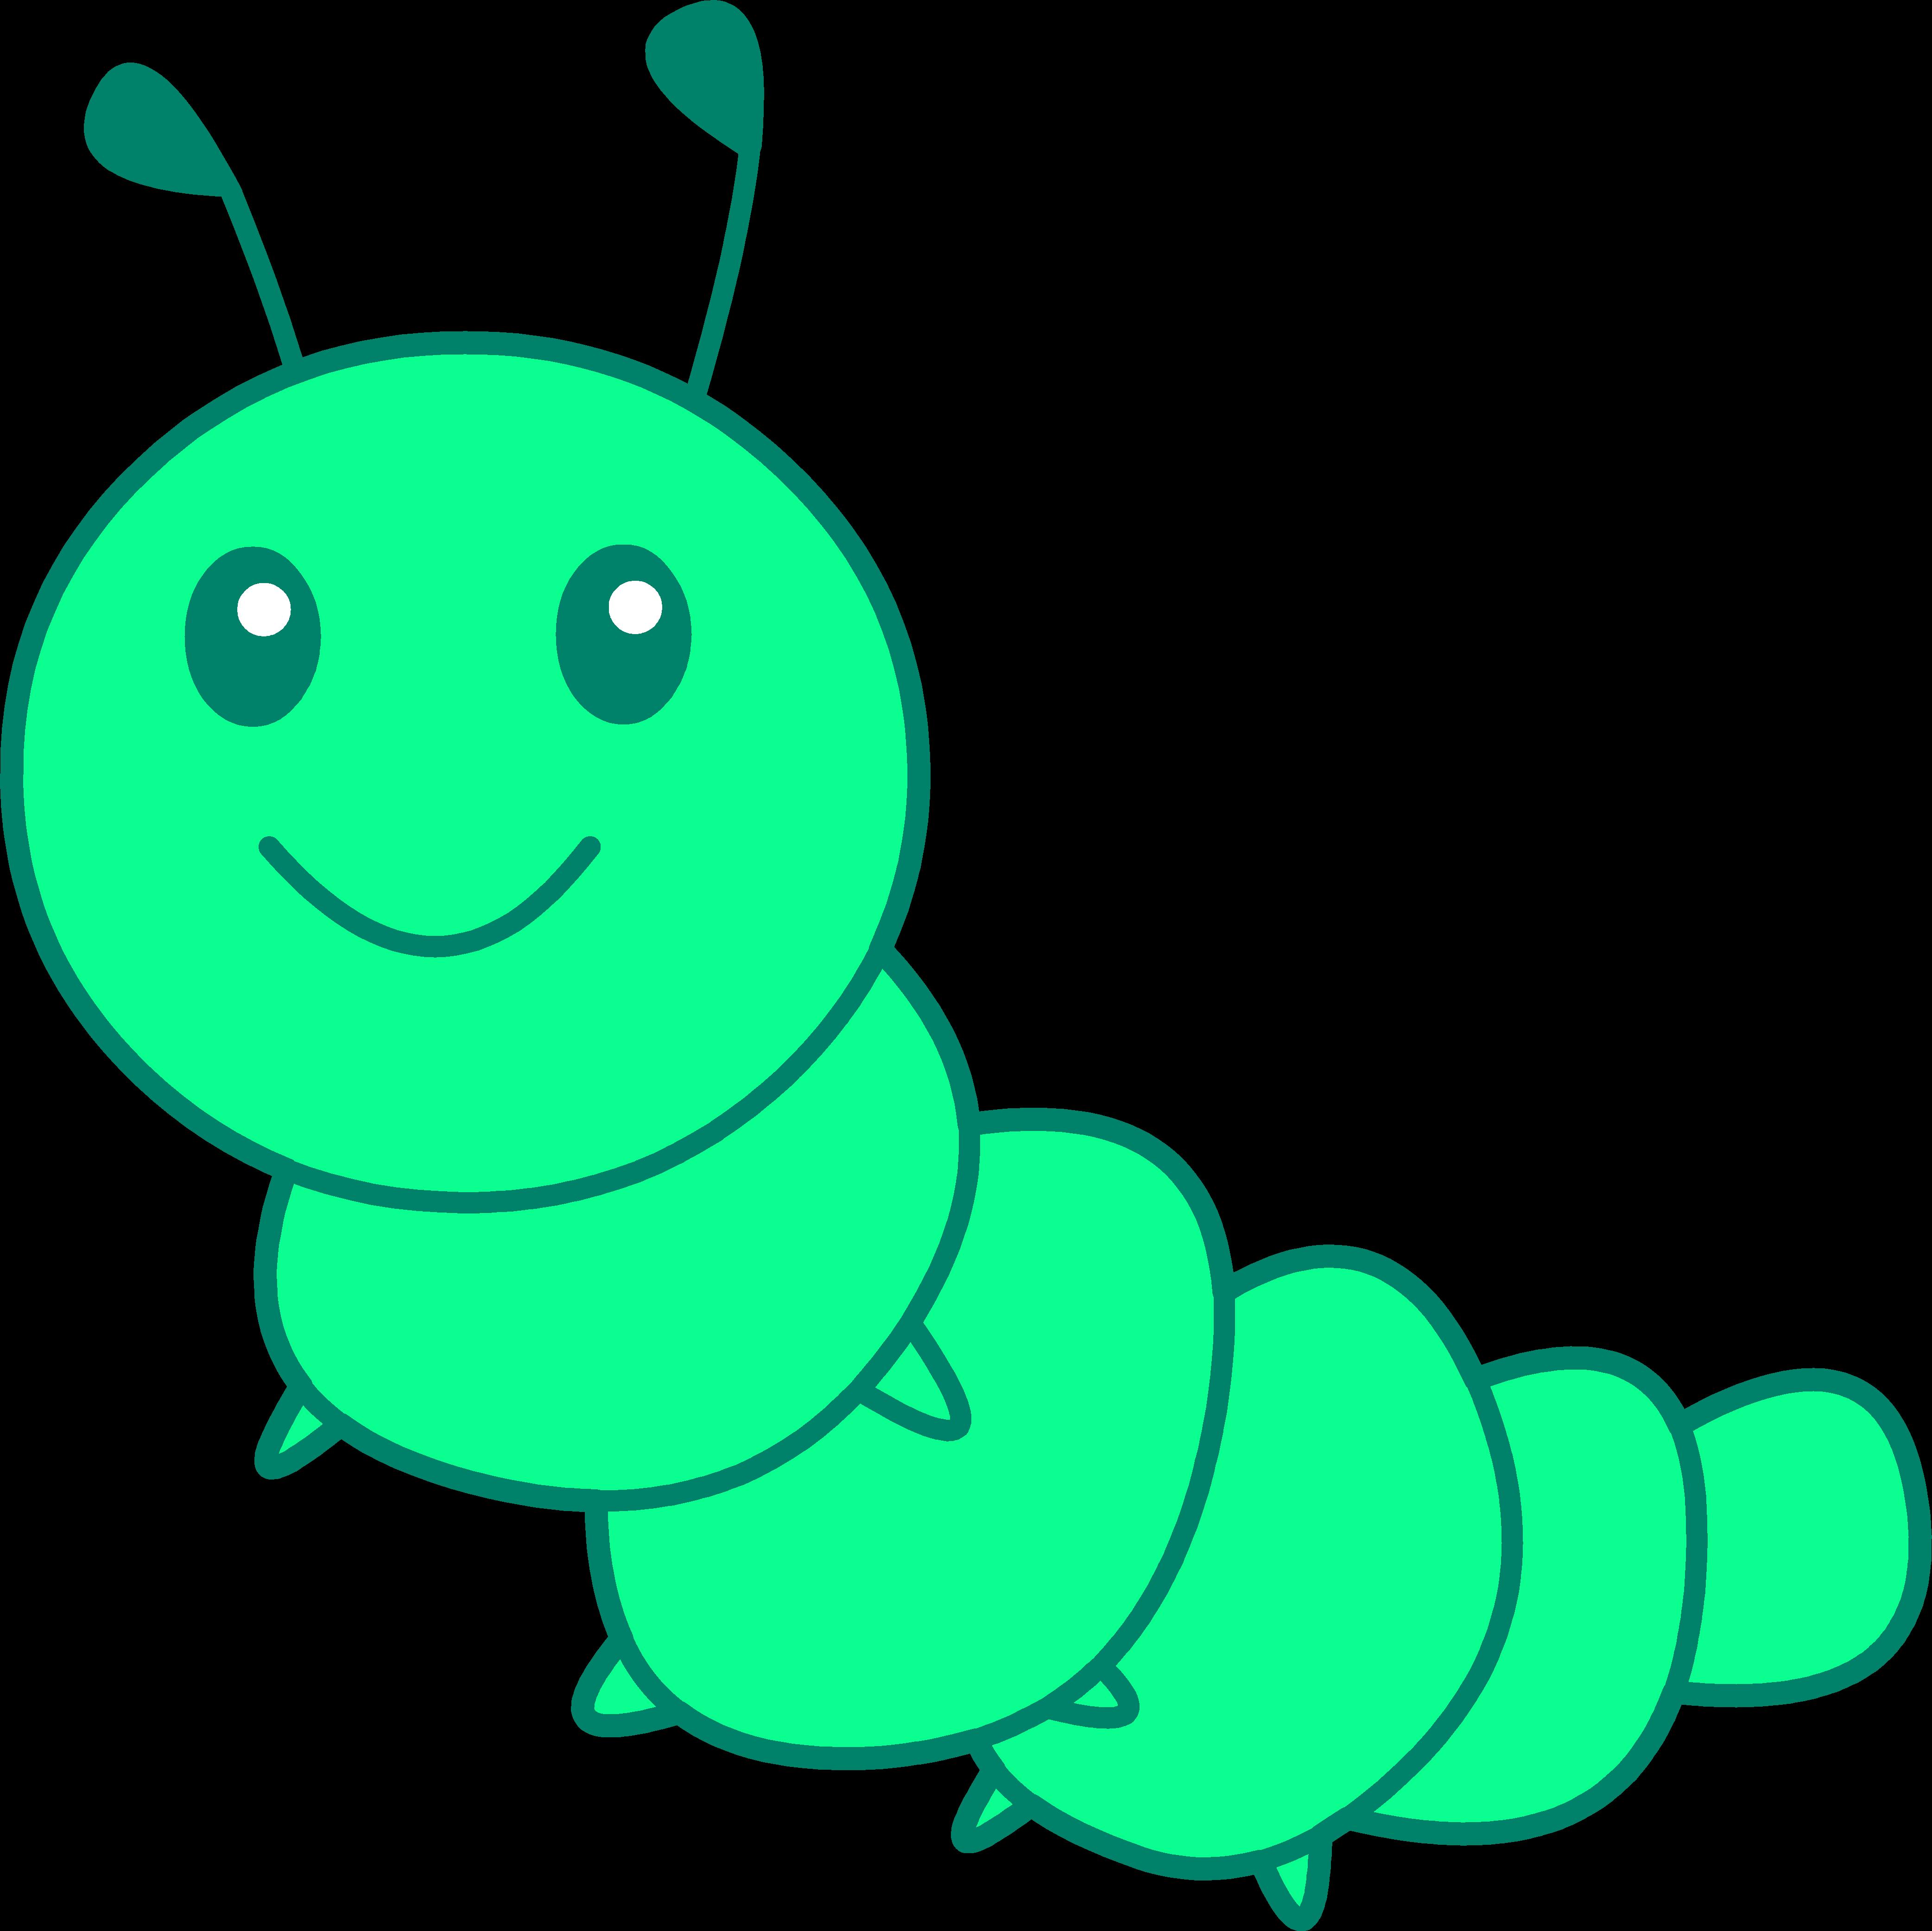 скажете фото картинка гусеничка на прозрачном фоне все больше